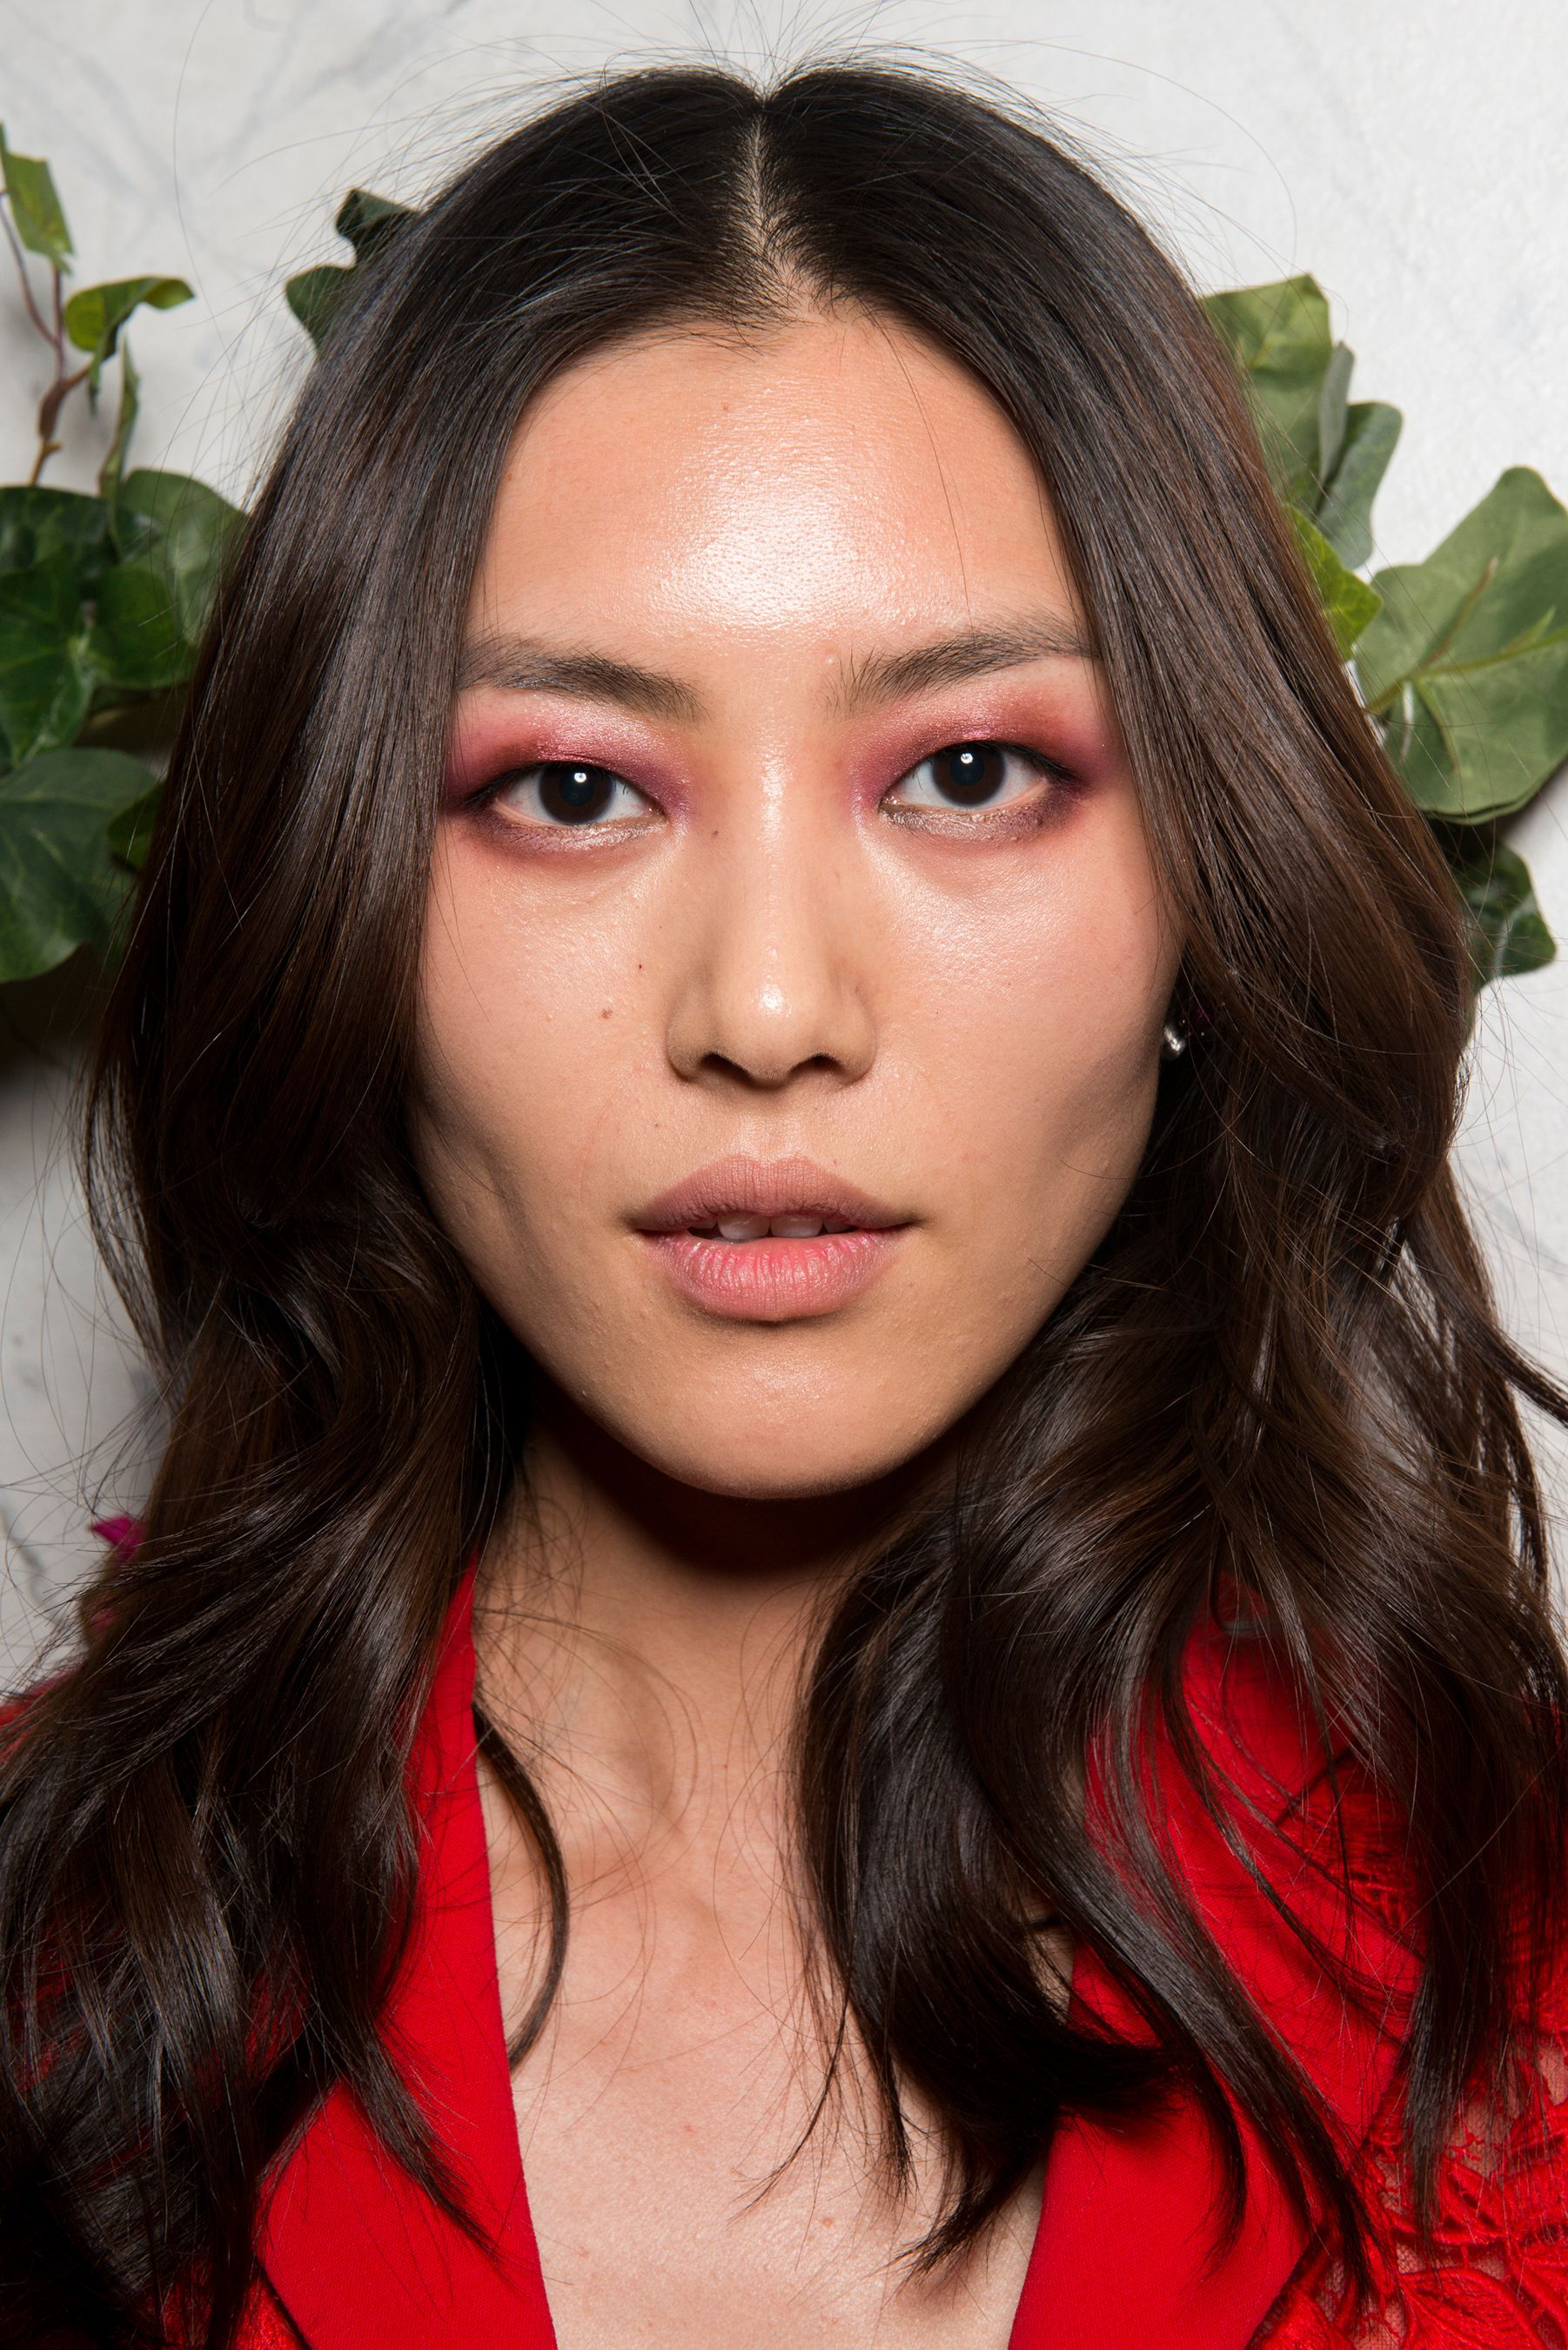 La perla u fw   makeup  Pinterest  La perla Makeup and Face